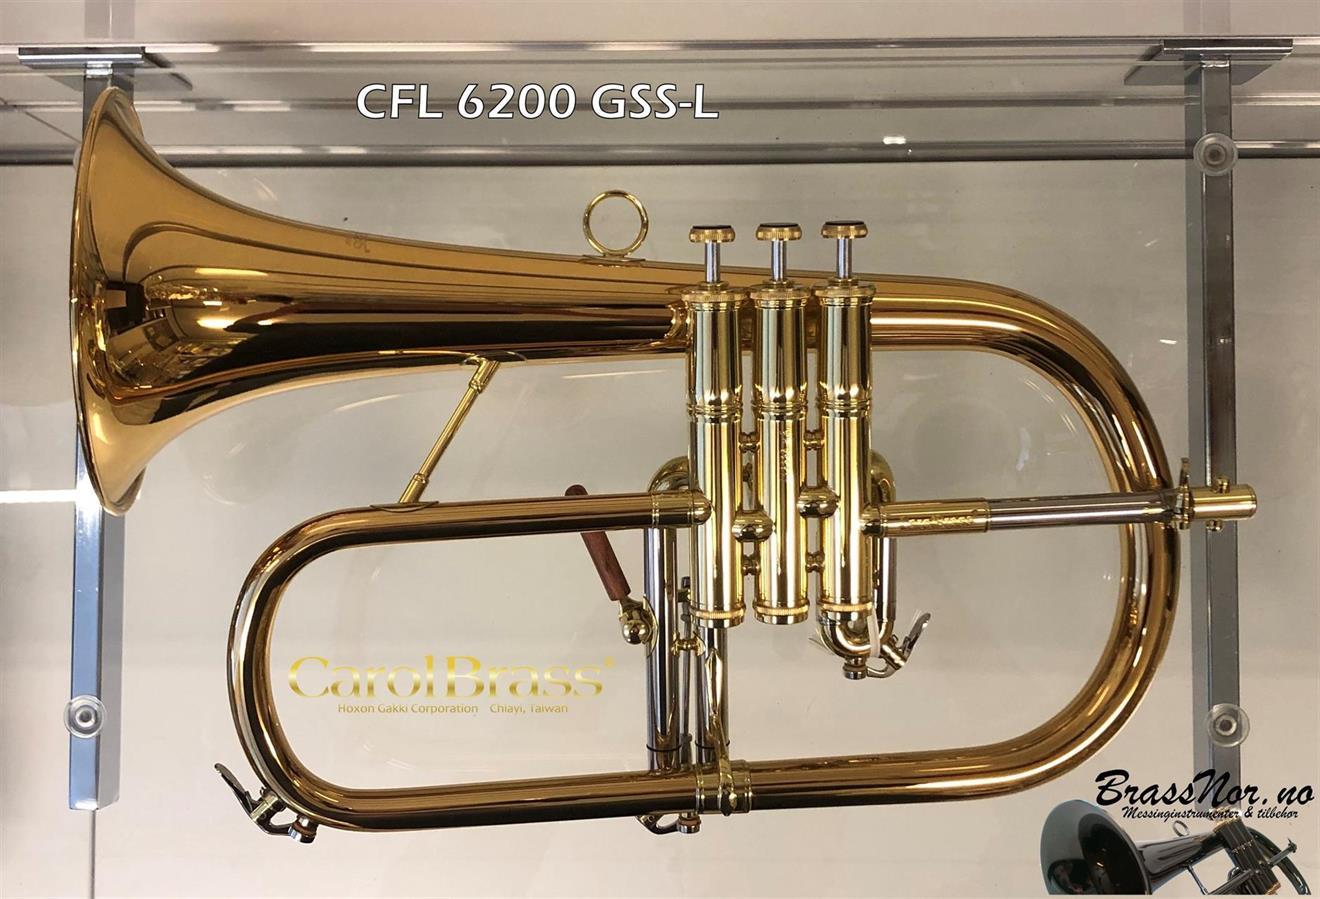 Bb flugel CFL-6200-GSS Lakkert